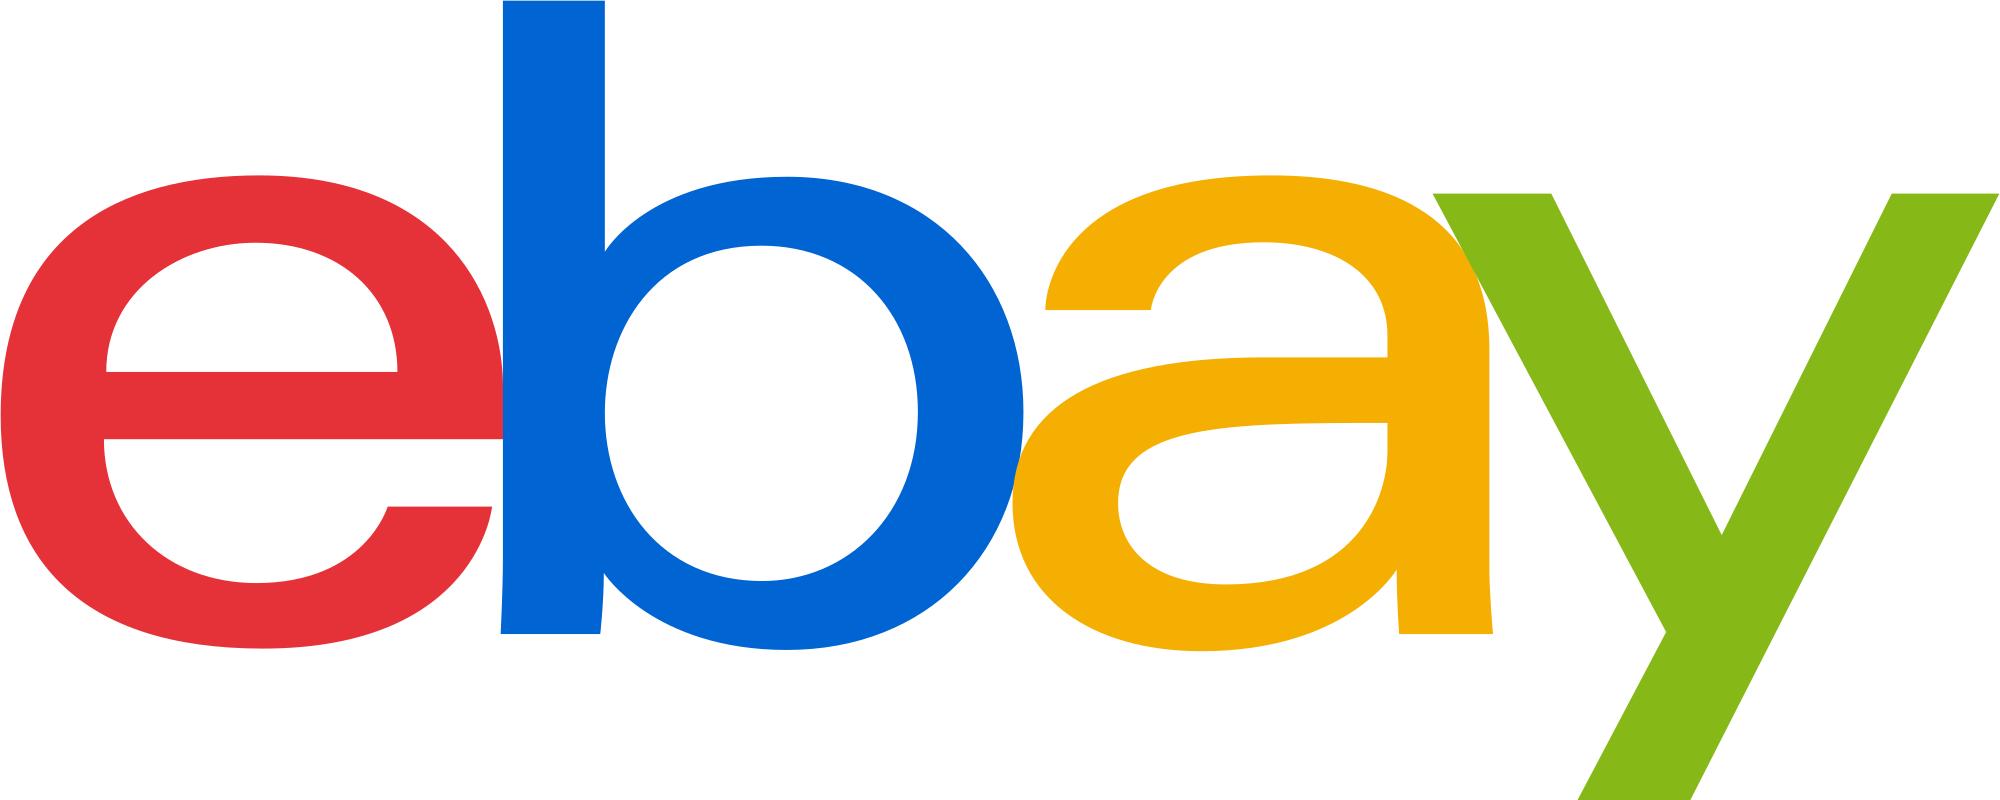 [Ebay USA] 15% Rabatt auf fast alles über die App (max. ~87€ Rabatt)